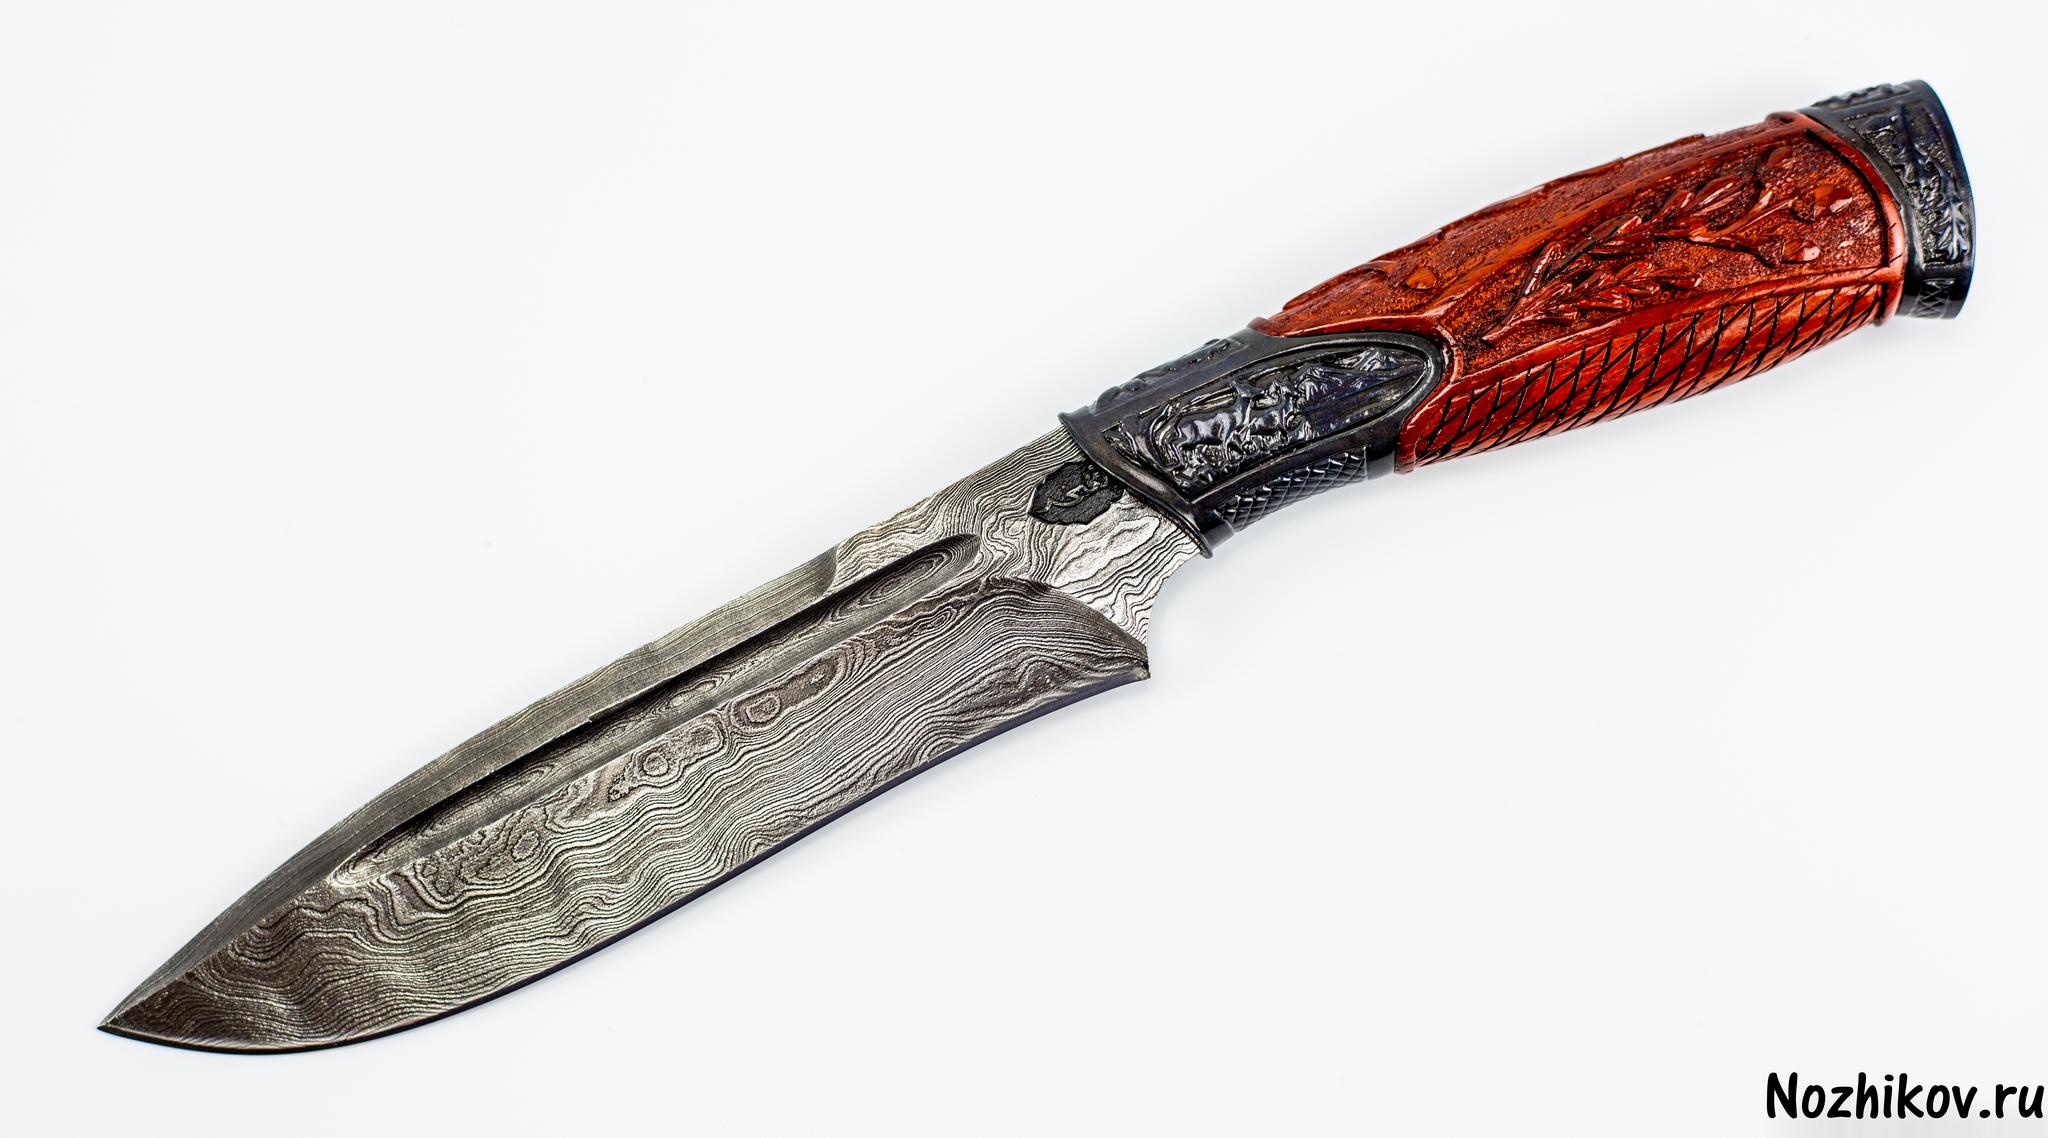 Авторский Нож из Дамаска №34, Кизляр авторский нож из дамаска 10 кизляр